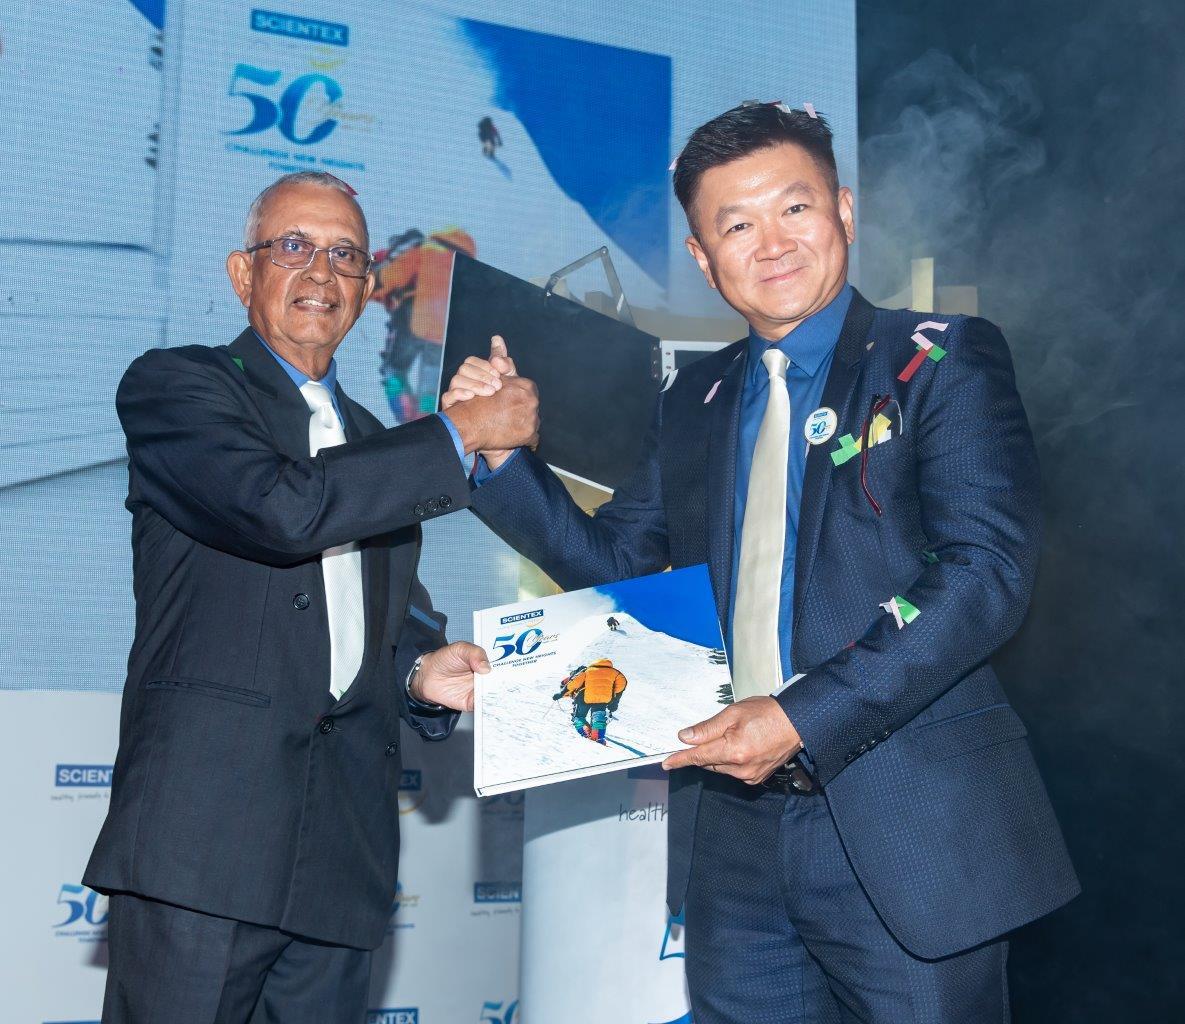 50年来一路走来不易,森德配合50周年庆推出《并肩挑战新高峰》记载该公司的过去与未来展望,右起为林炳仁及莫哈末斯里夫。